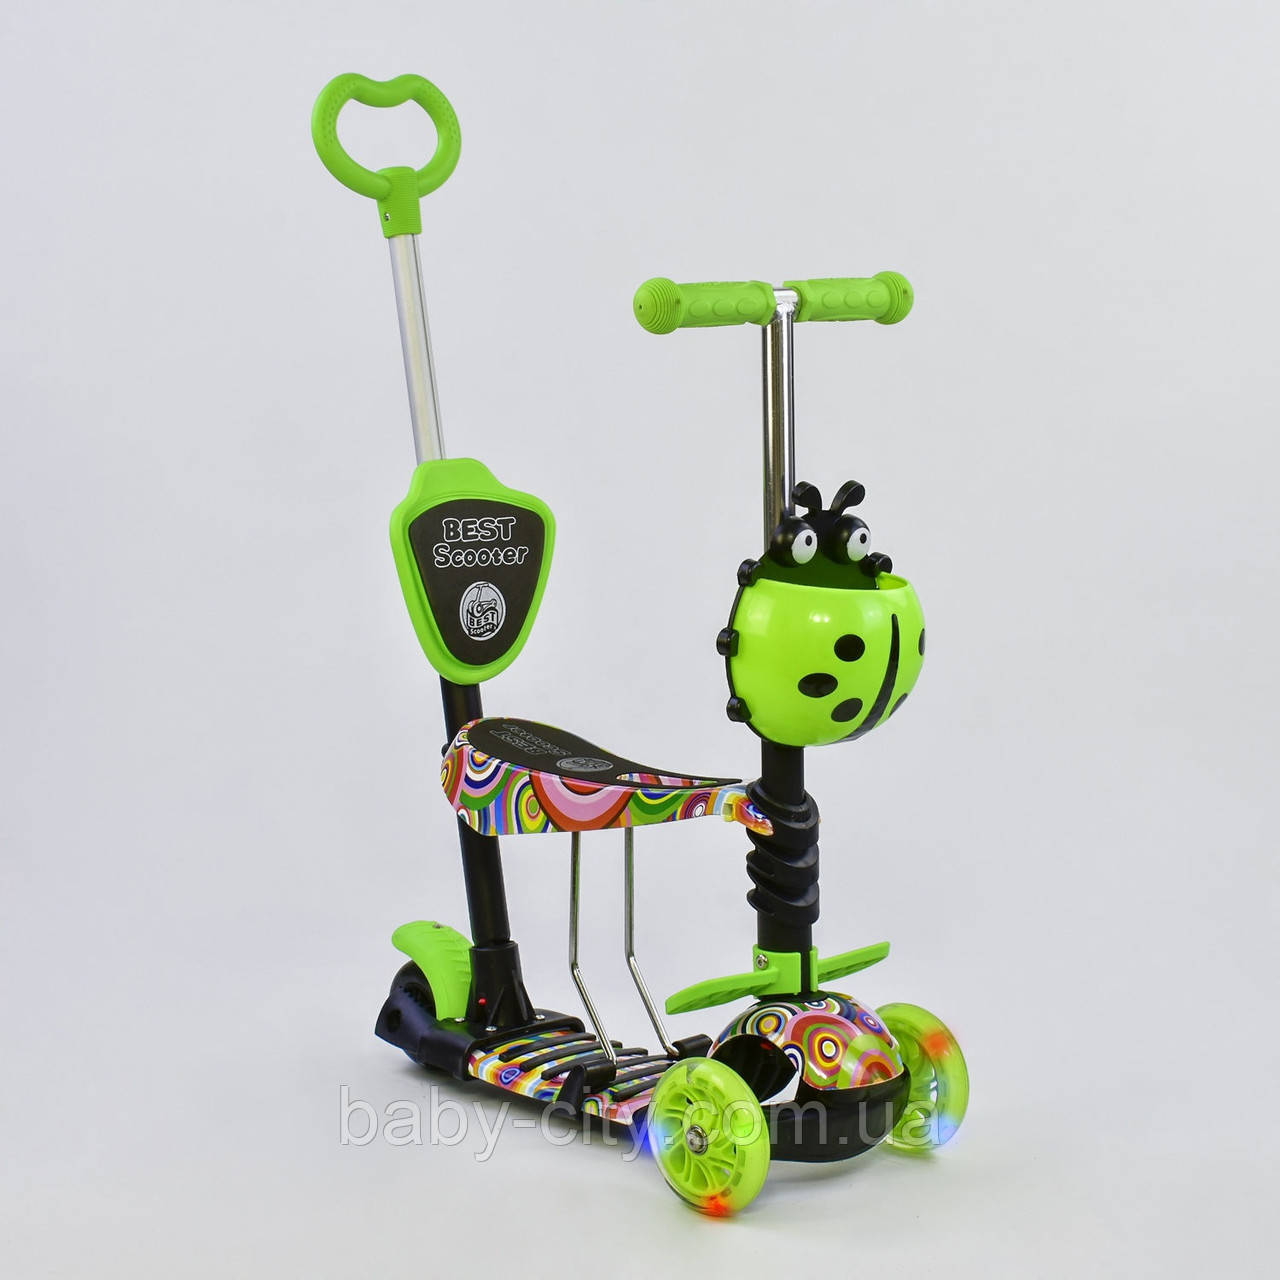 """Самокат Best Scooter 5 в 1 """"Абстракция"""" 33650 подсветка колес"""